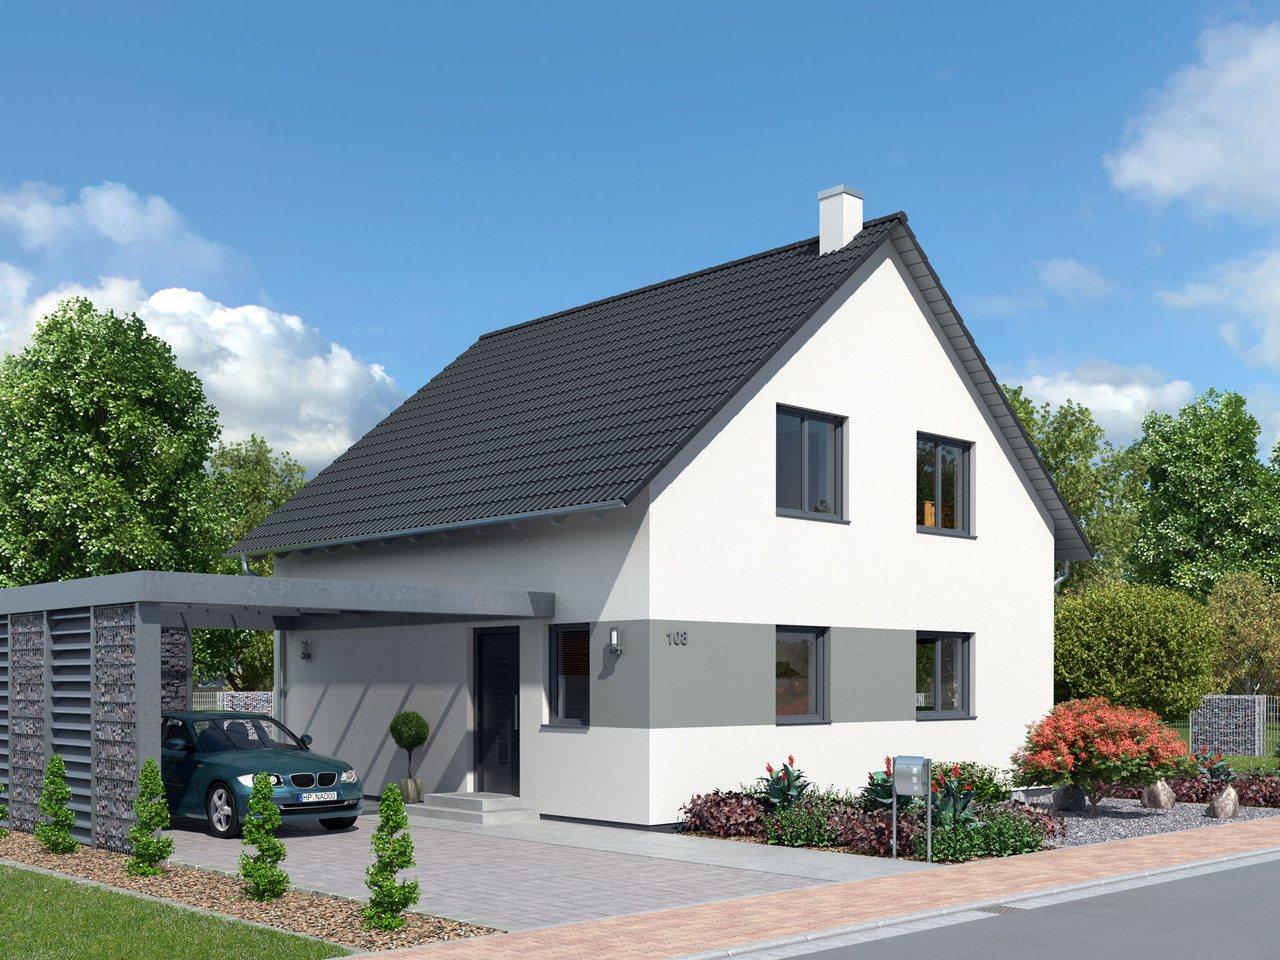 Kompakthaus 108 ytong bausatzhaus for Haus bauen katalog